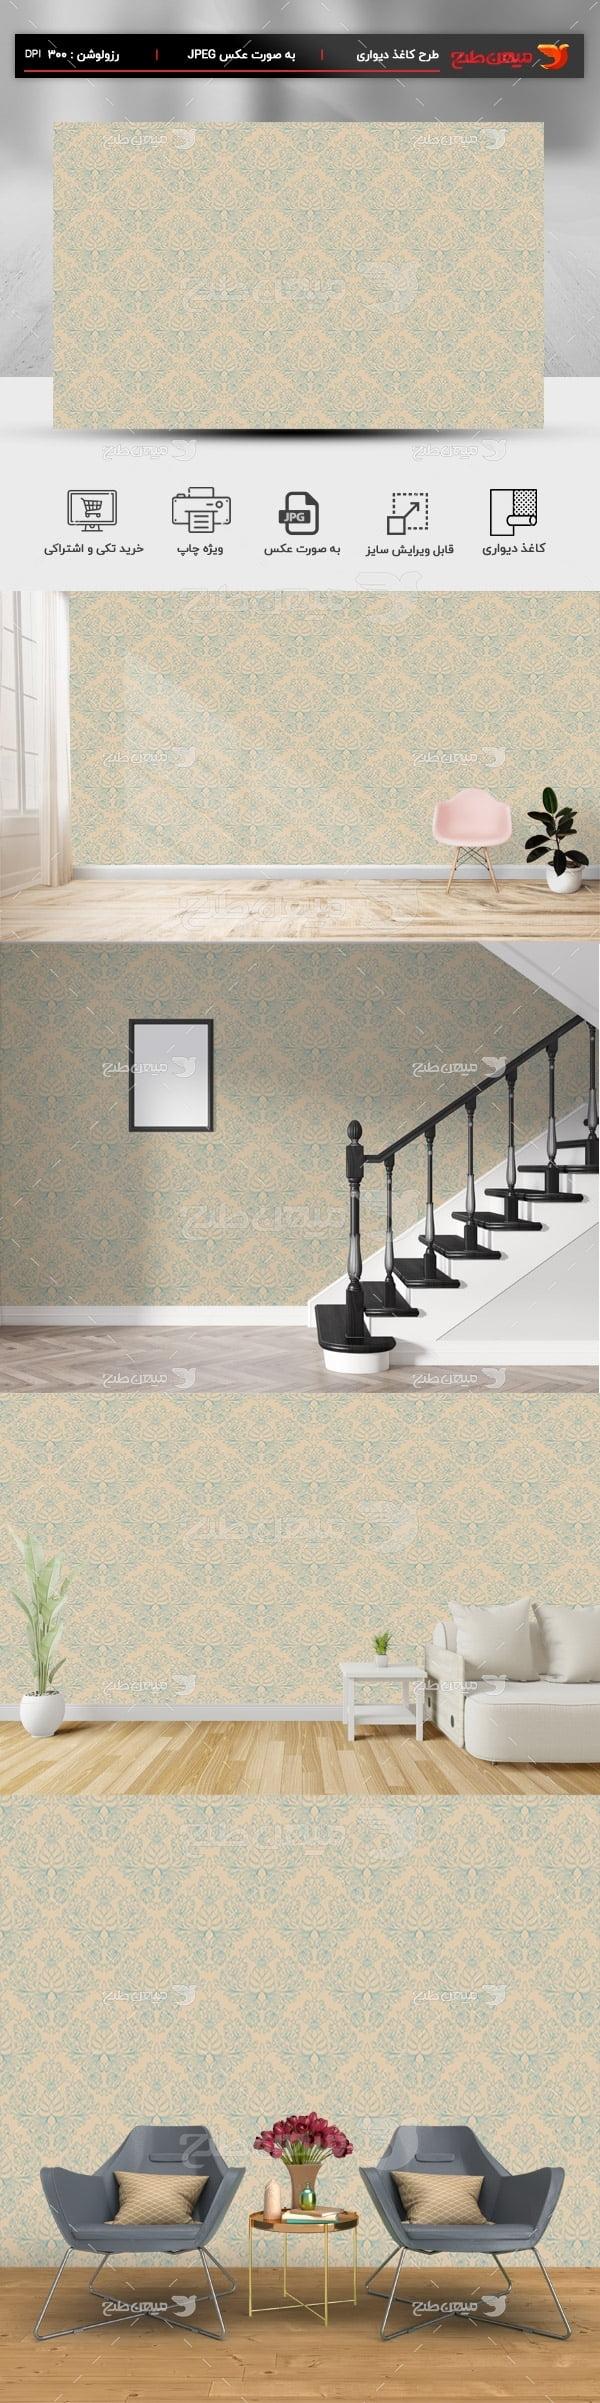 پوستر کاغذ دیواری ساده مدل بک گراند کرم طرح سبز آبی